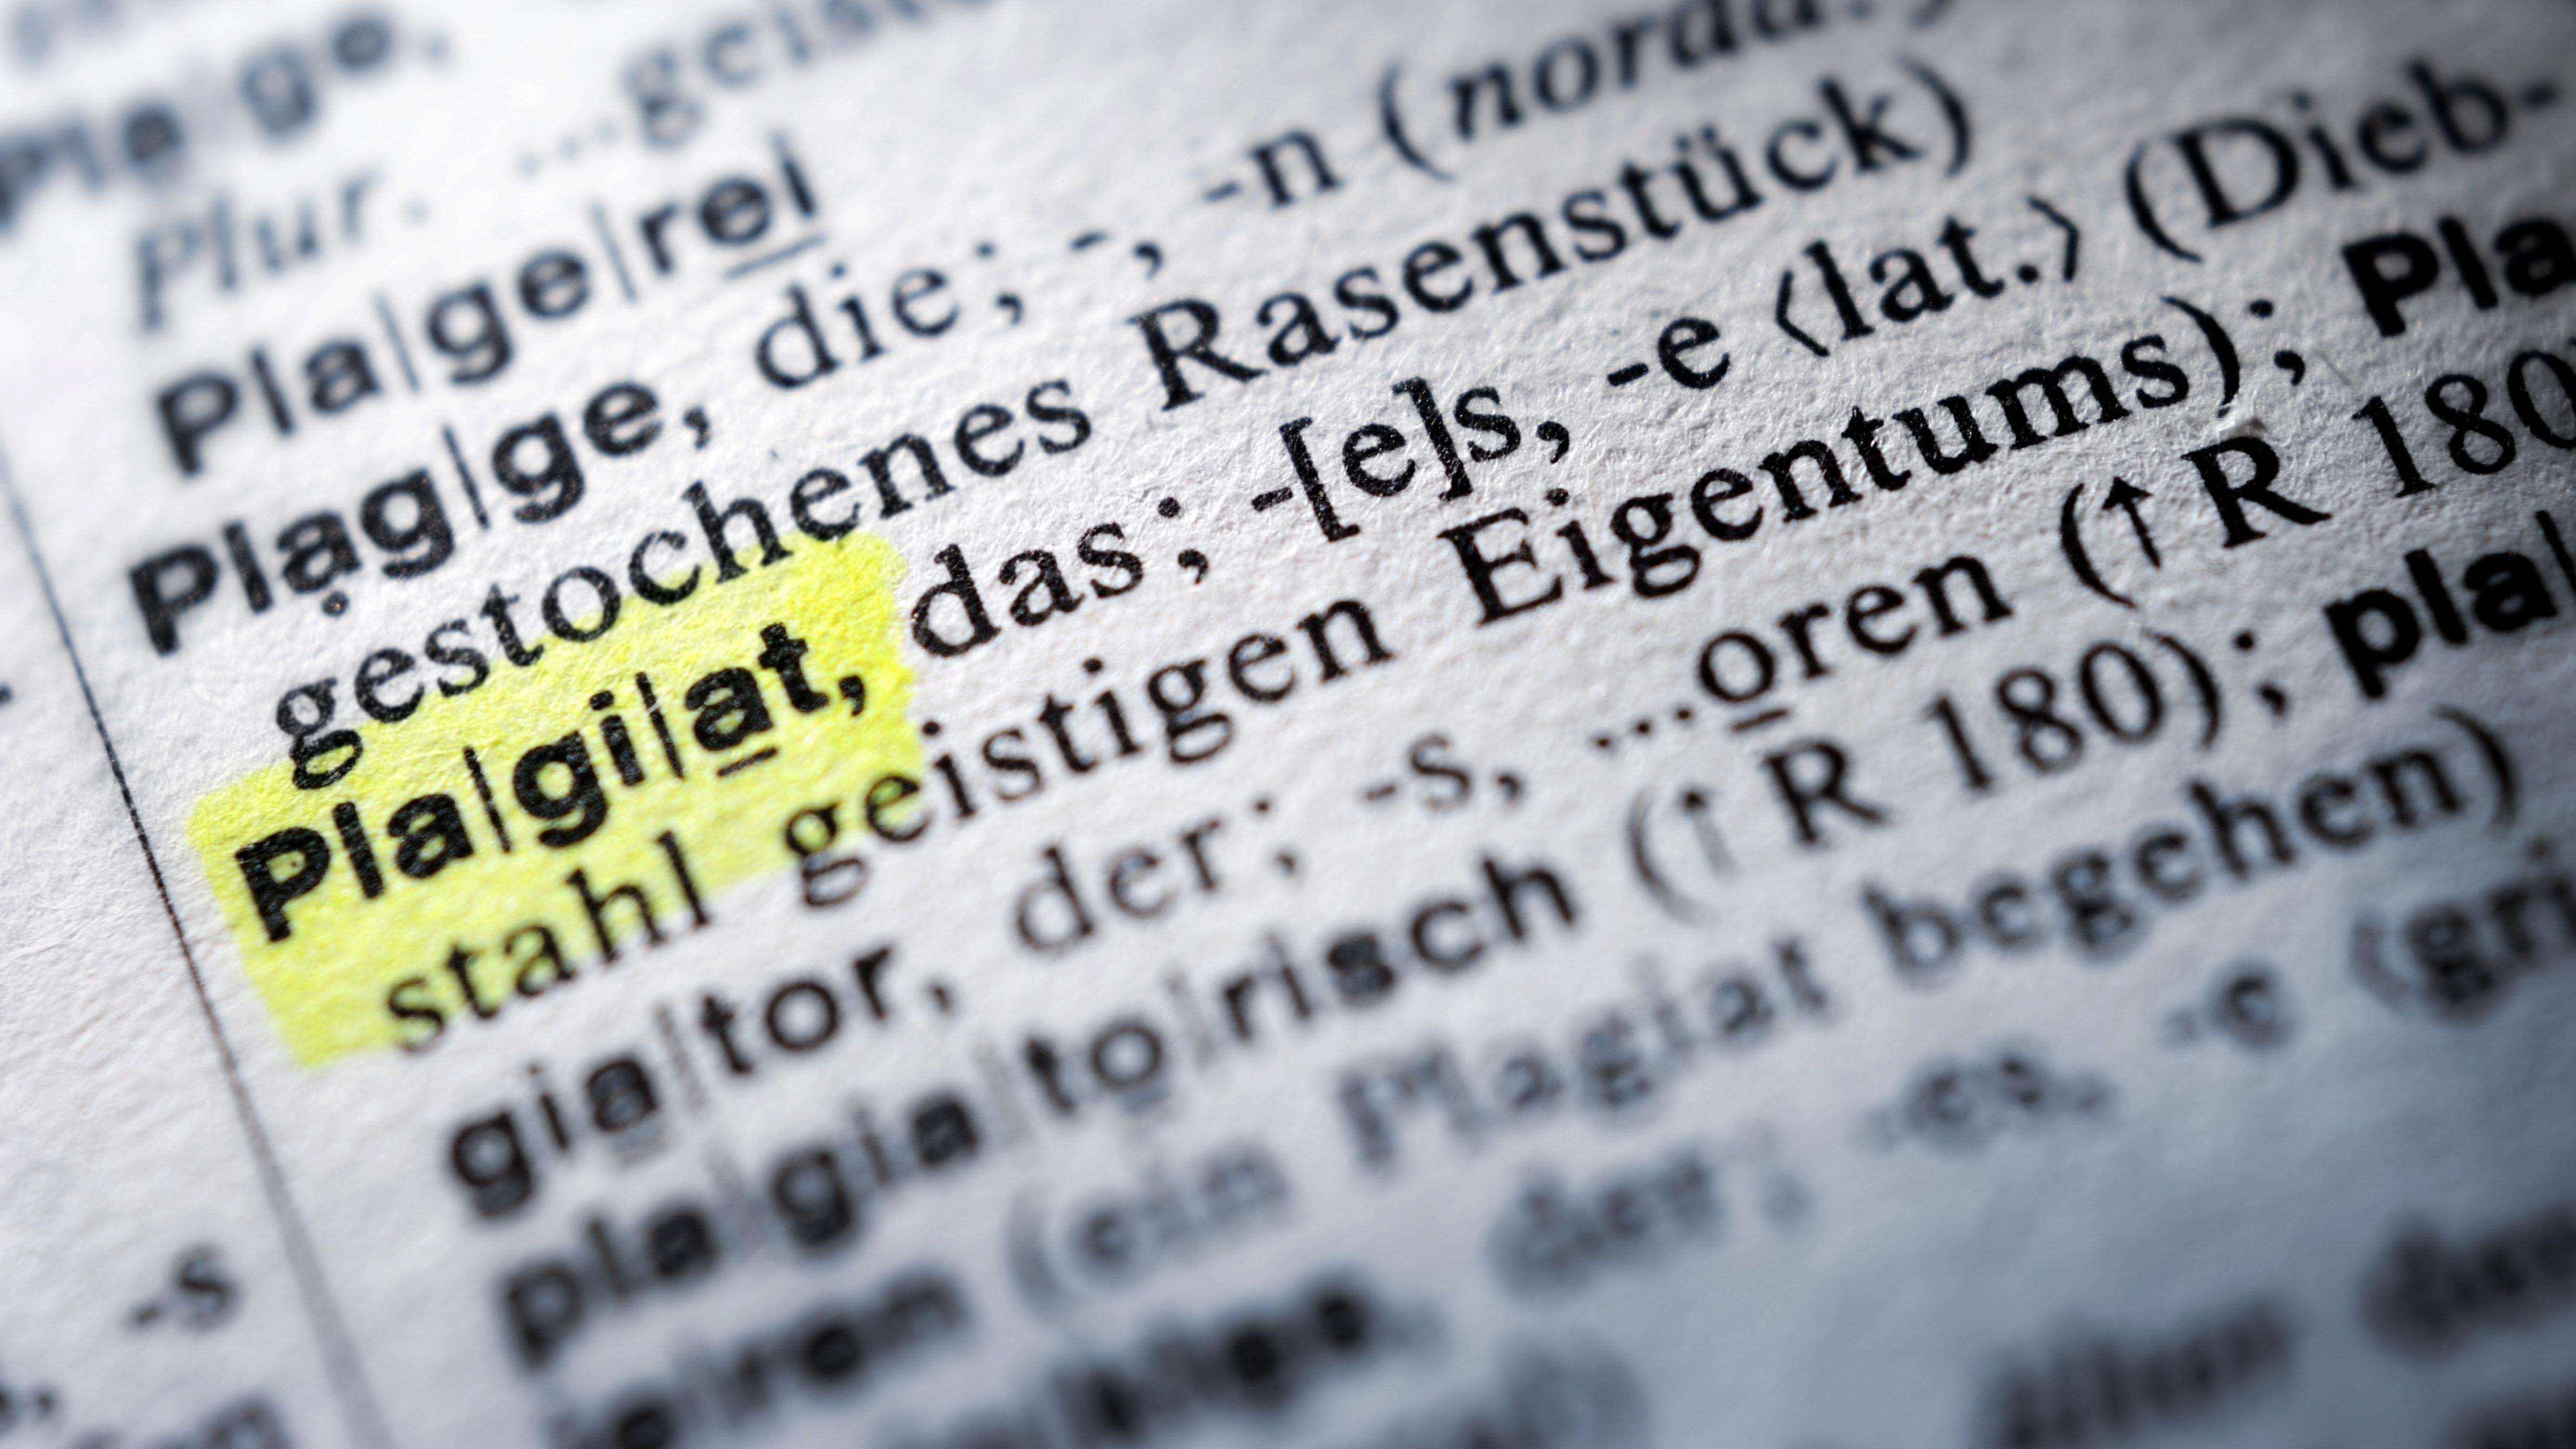 """Der Begriff """"Plagiat"""" ist im Wörterbuch gelb markiert"""